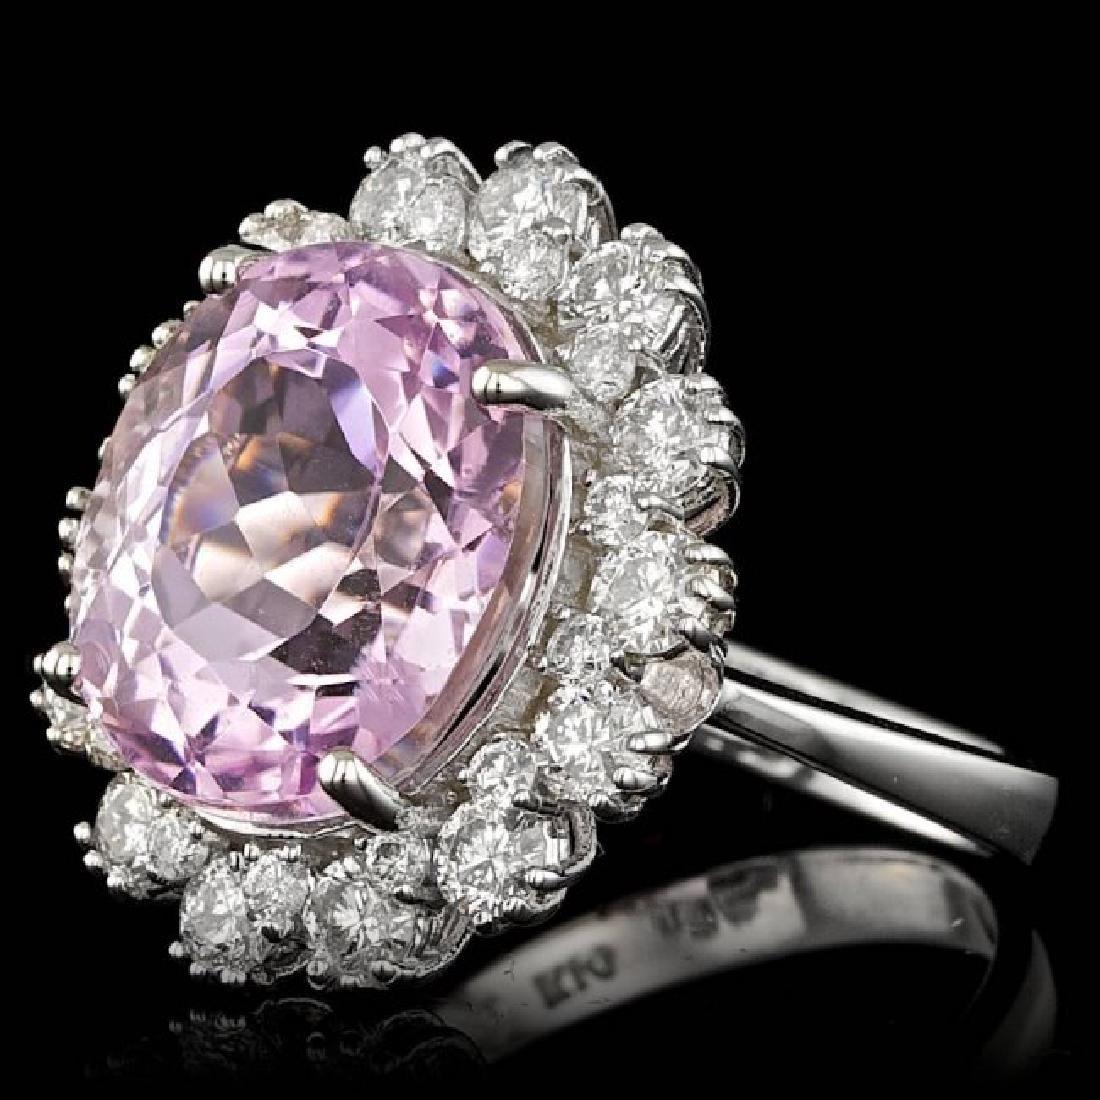 14k Gold 10.00ct Kunzite 1.70ct Diamond Ring - 2